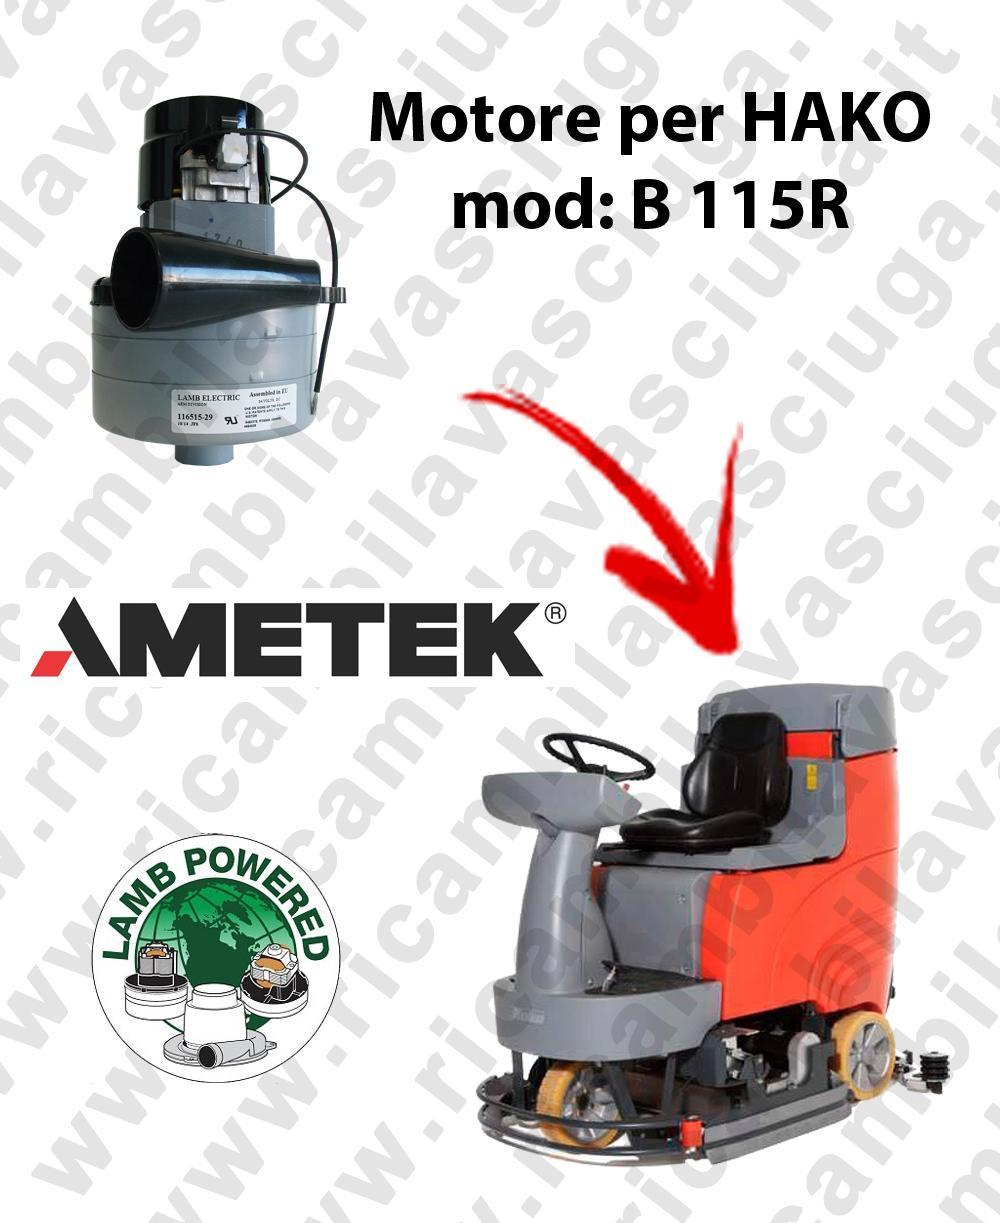 B 115R Saugmotor LAMB AMETEK für scheuersaugmaschinen HAKO